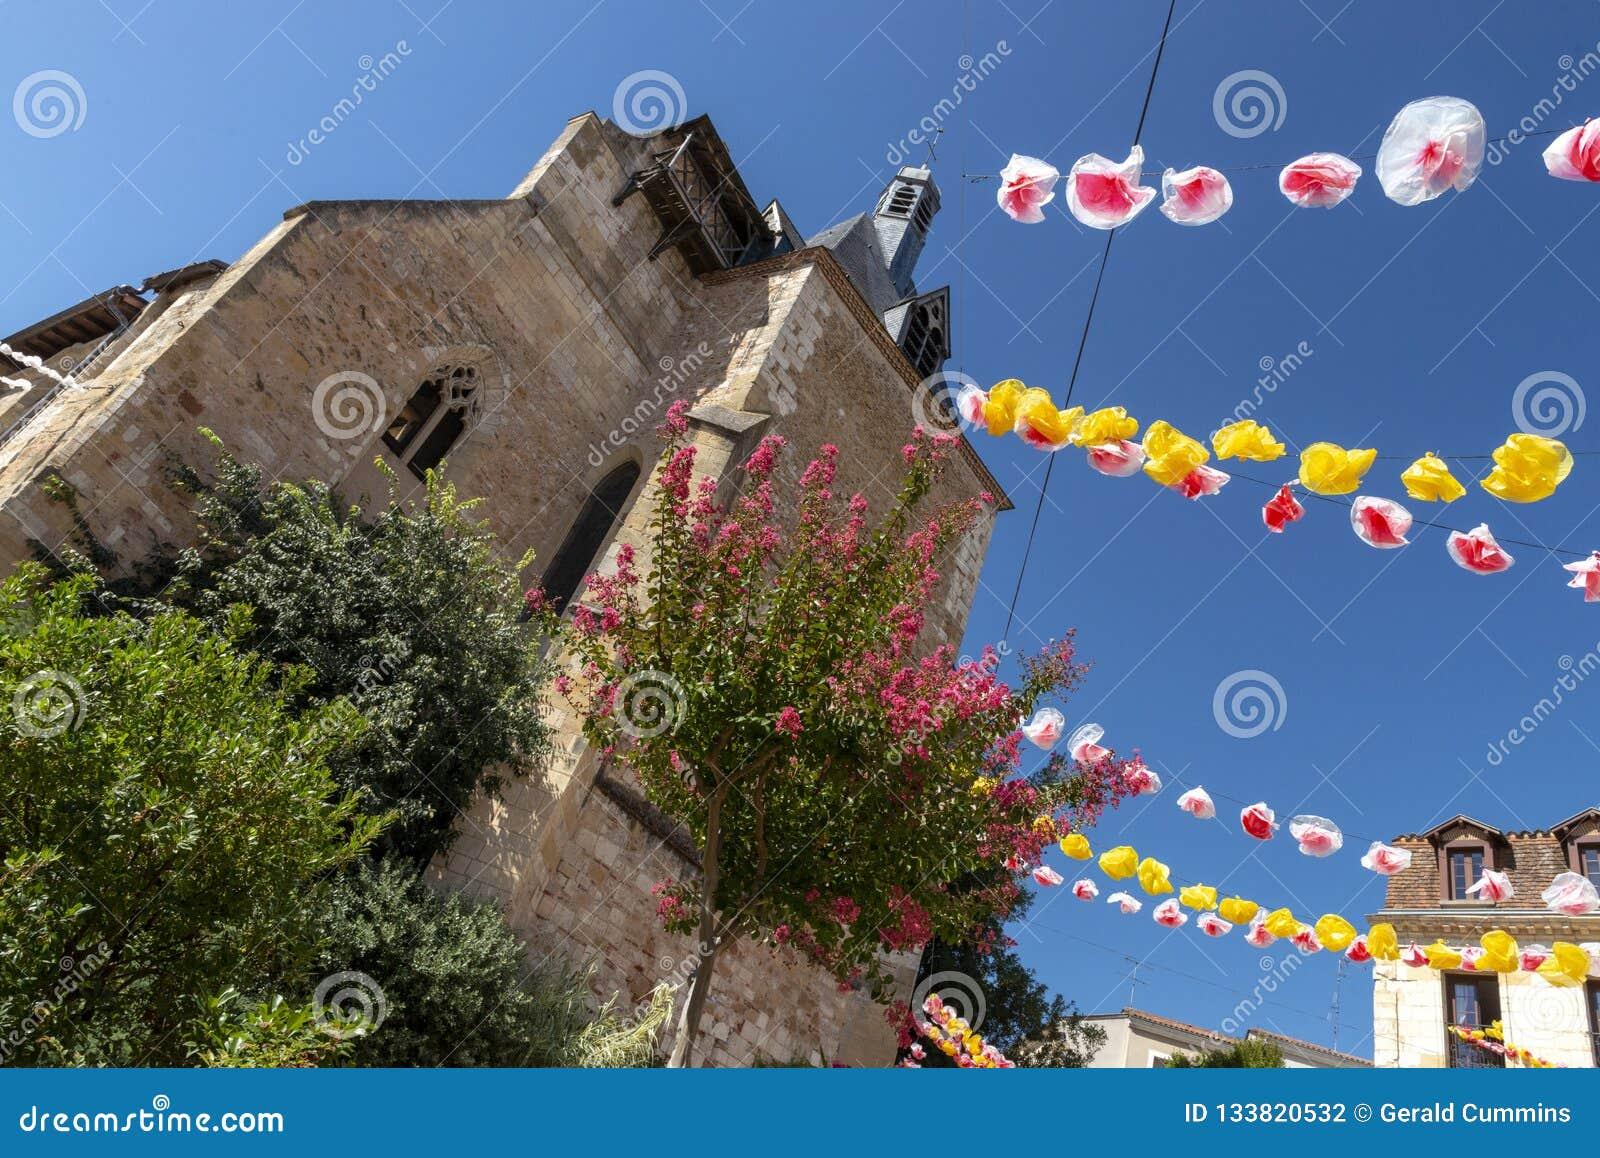 La ciudad natal de Cyrano de Bergerac